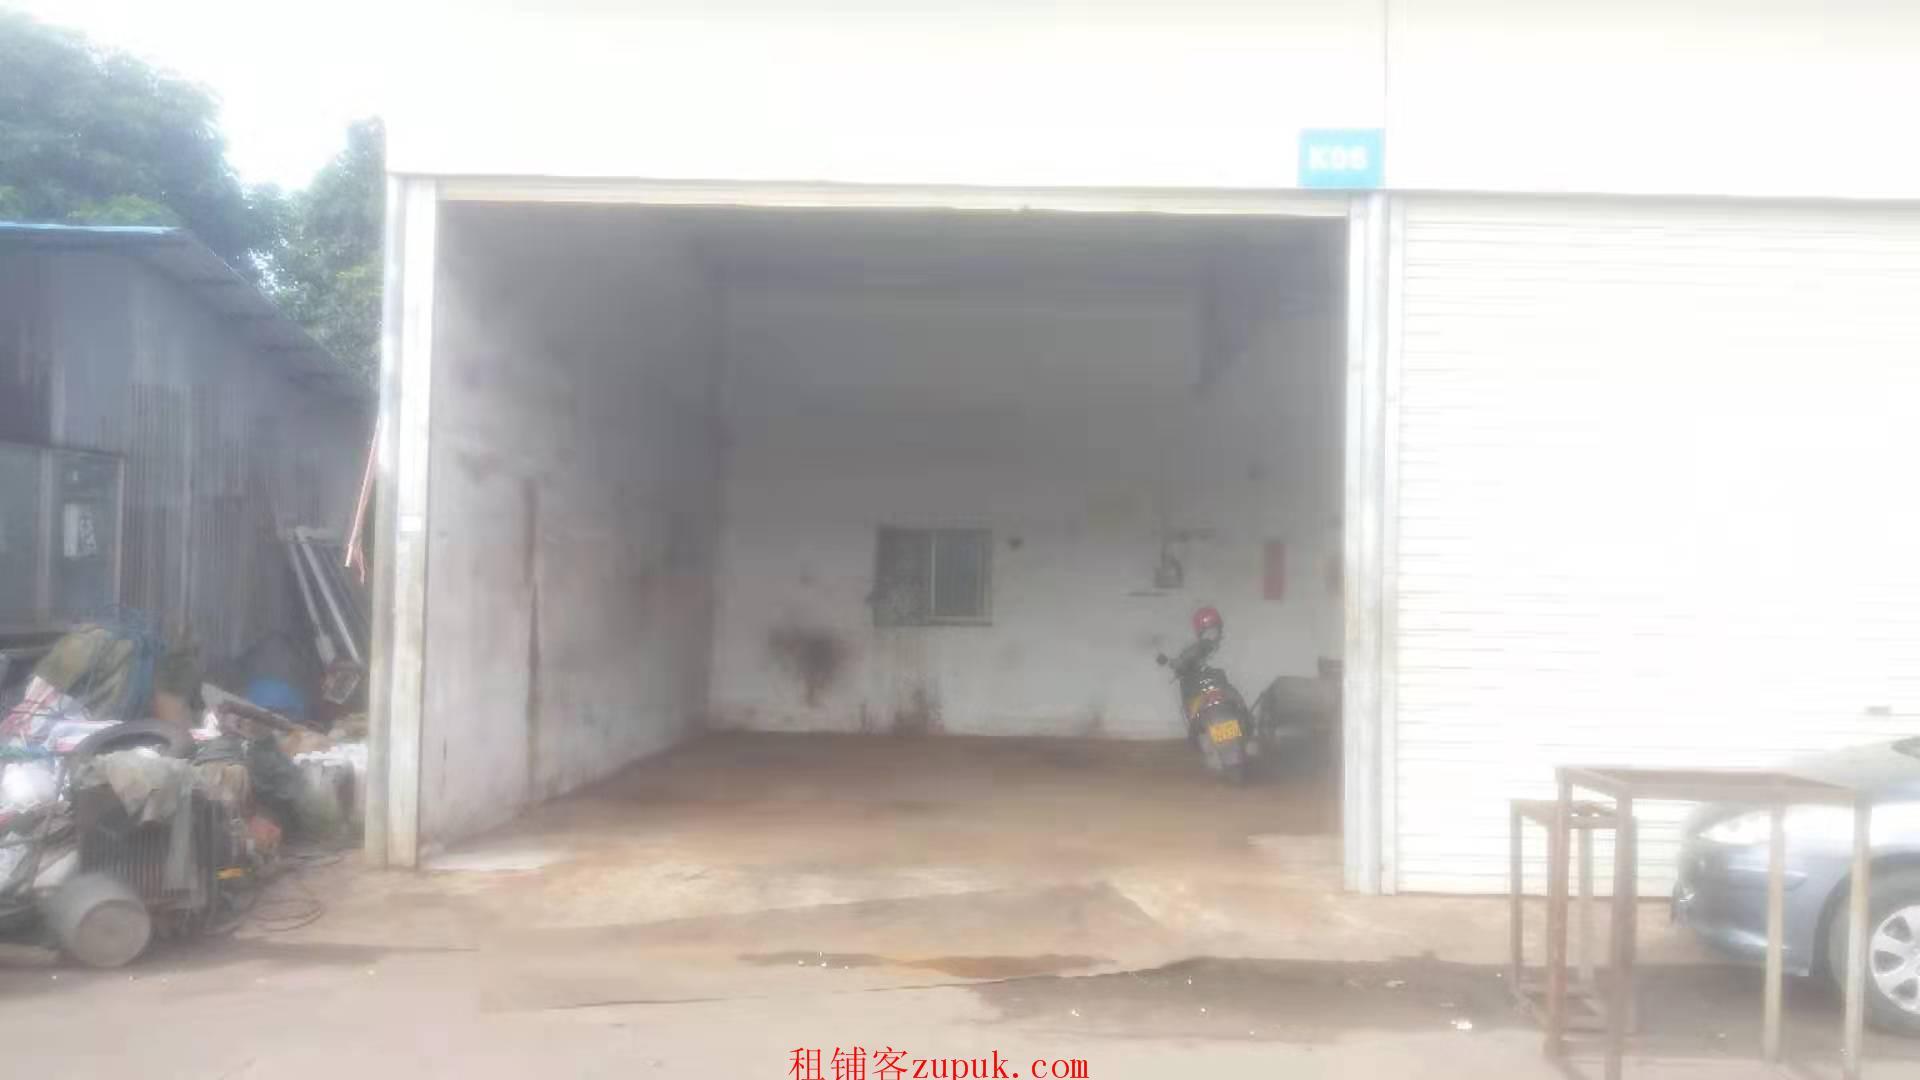 灵山尖岛大型二手金属市场旺铺招租,诚邀建材行业进驻